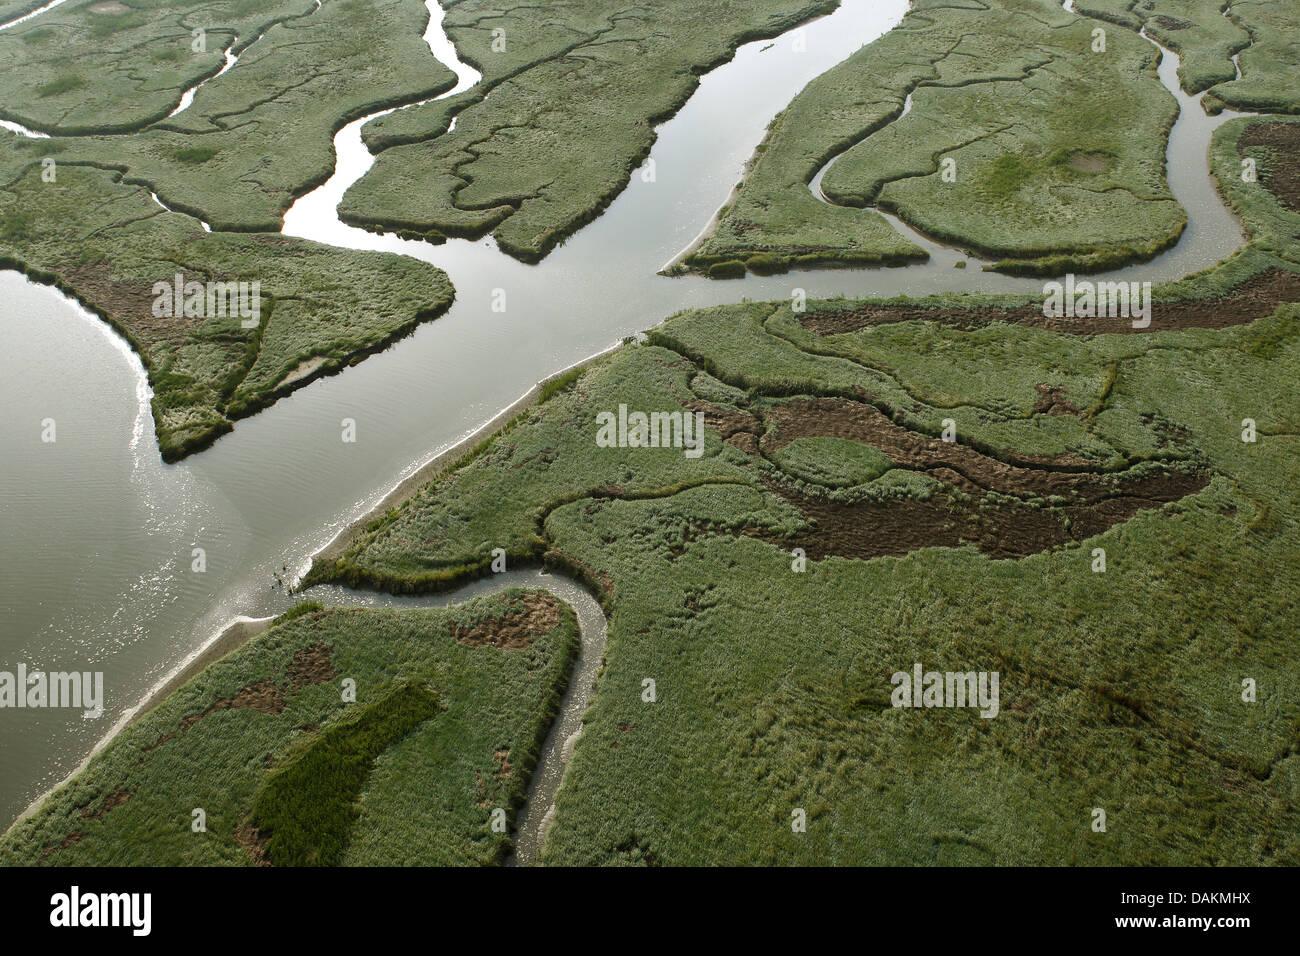 aerial view to river delta Verdronken land van Saeftinghe, Netherlands, Zeeuws-Vlaanderen, Verdronken land van Saeftinghe - Stock Image